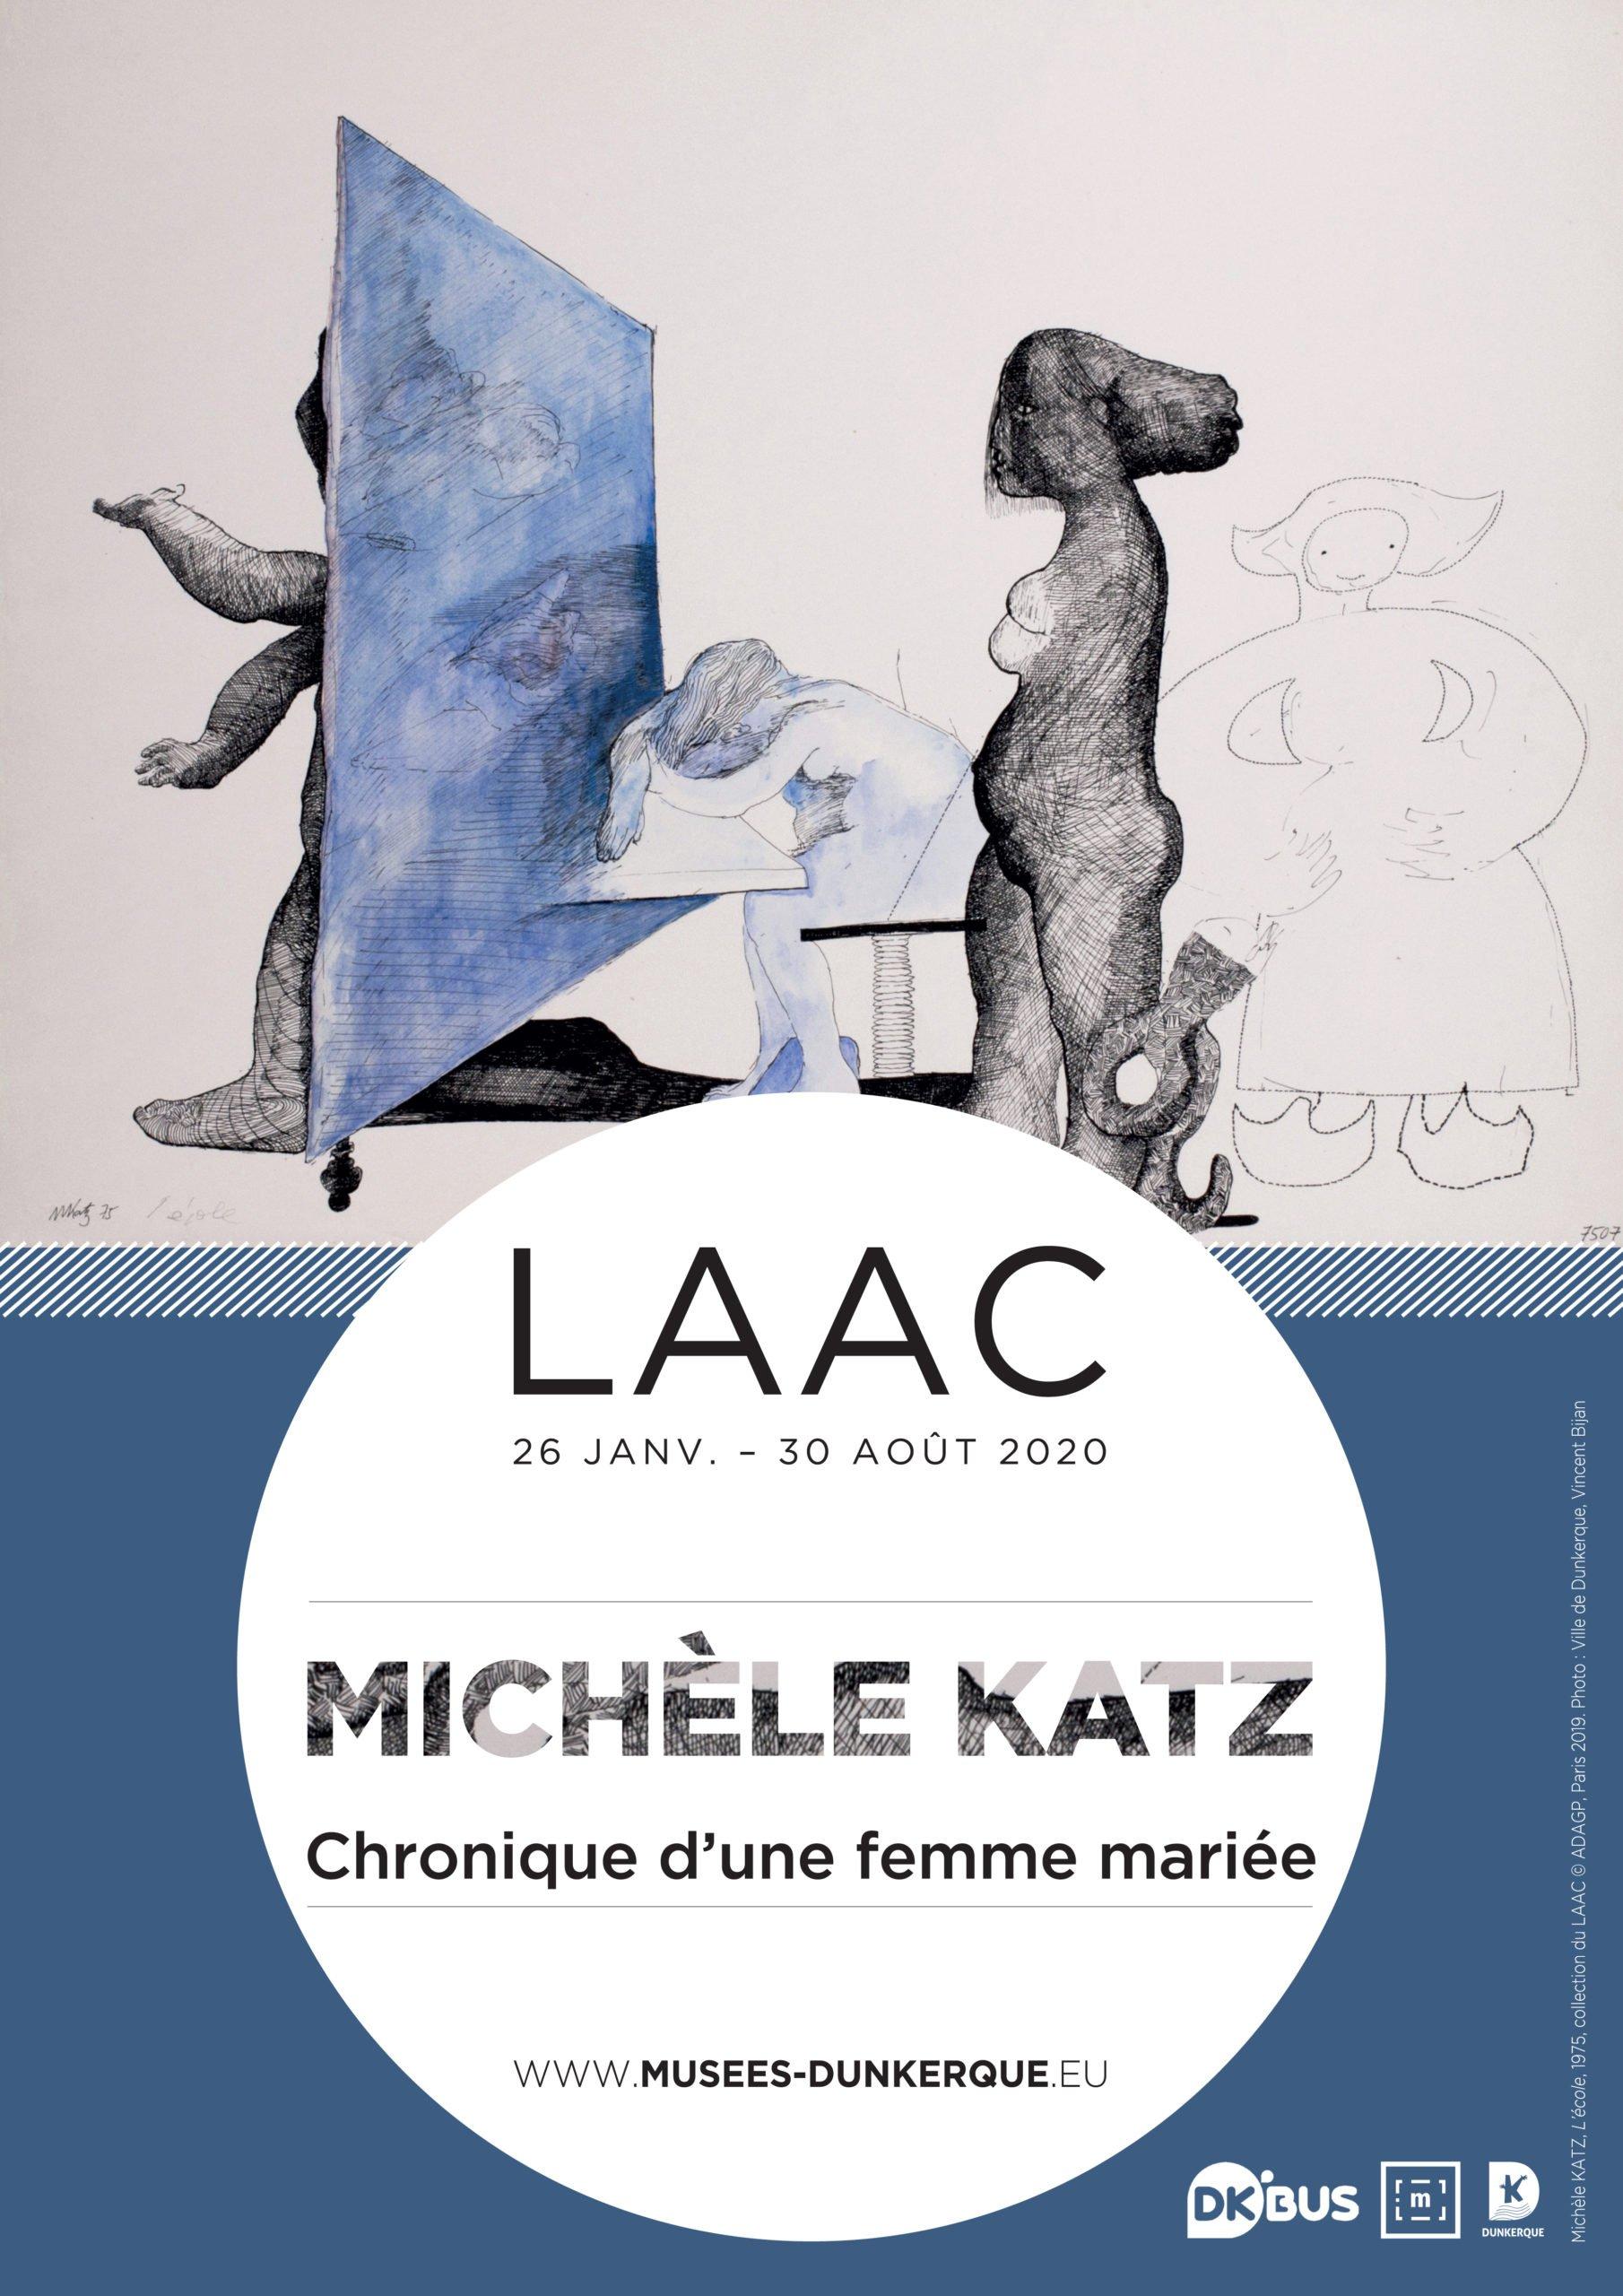 Visuel-officiel-michèle-katz_chronique-d-une-femme-mariee_laac_dunkerque